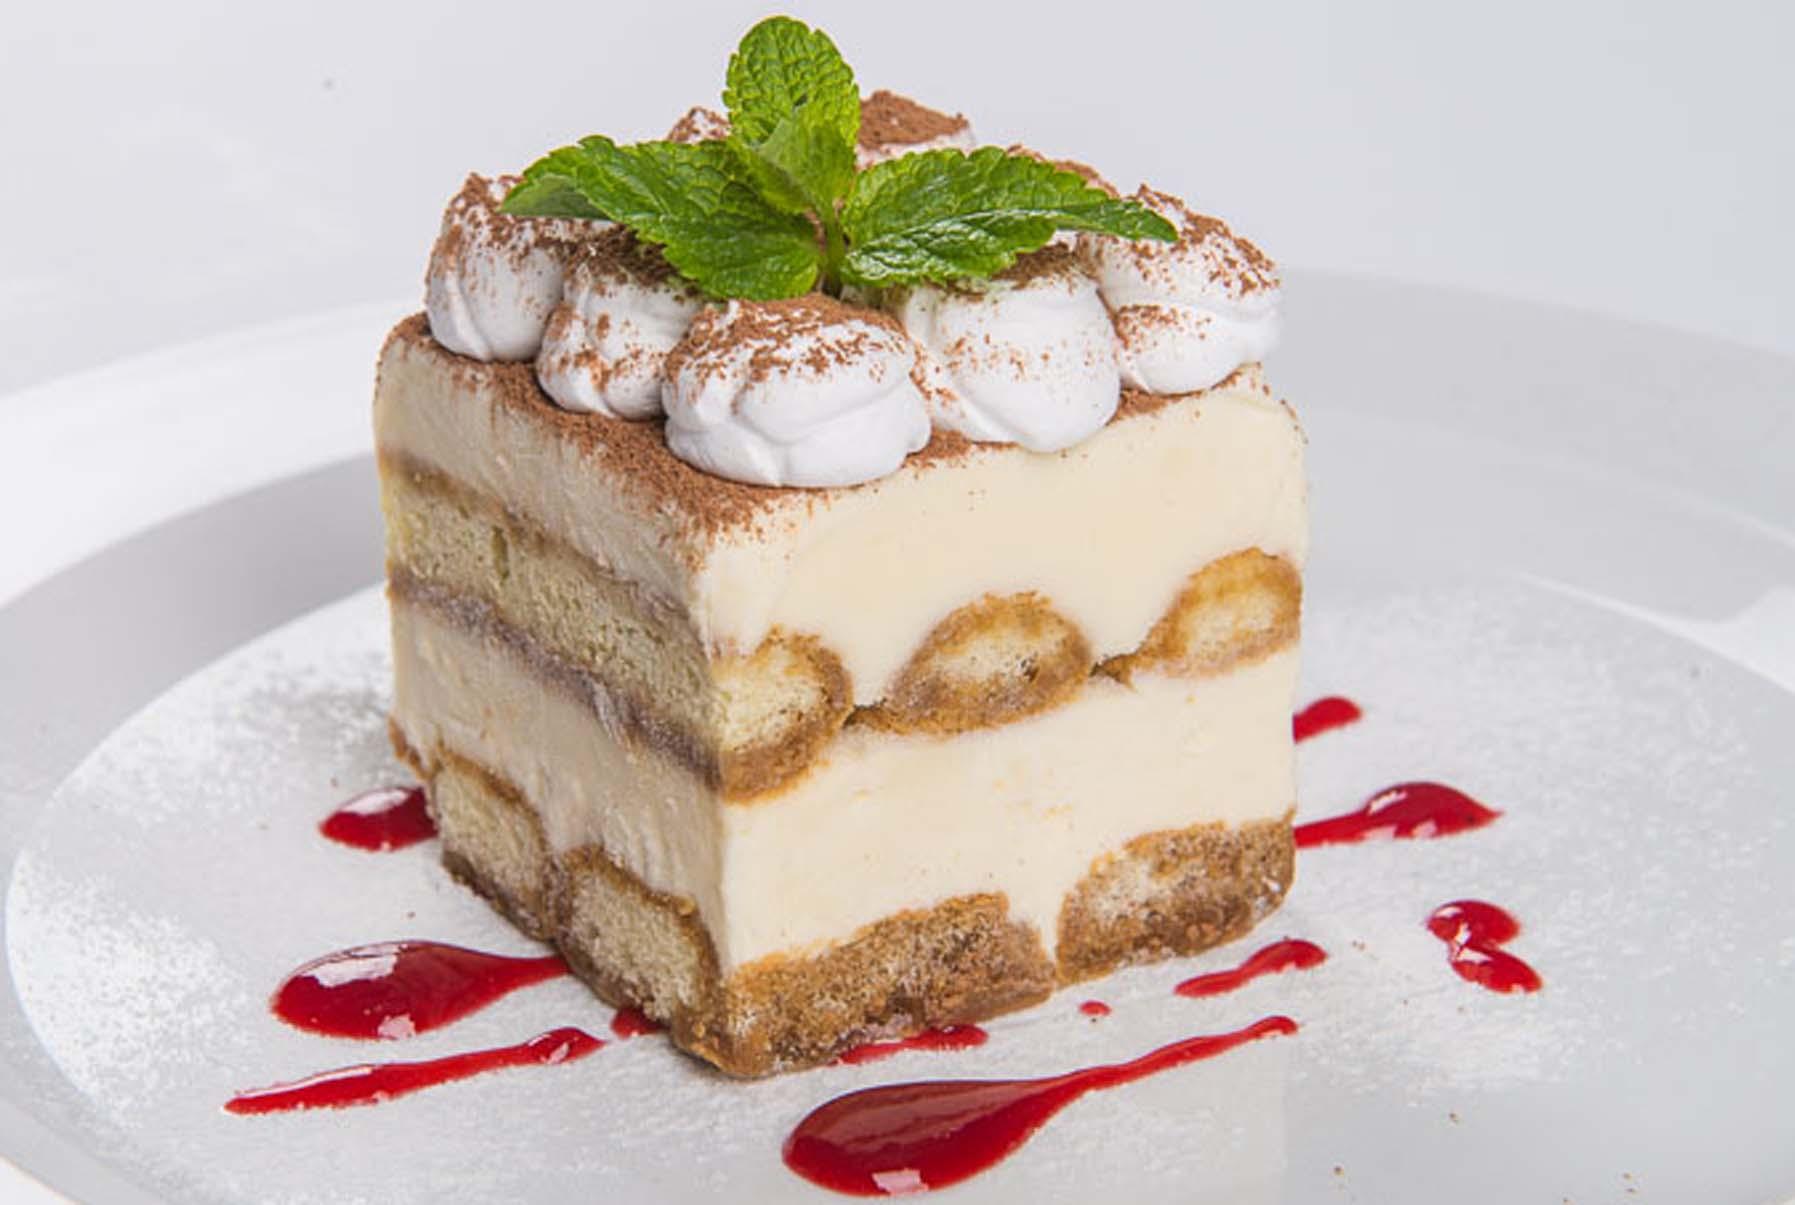 хант активна фруктовый торт мороженое рецепт с фото тесто замешаем мукой